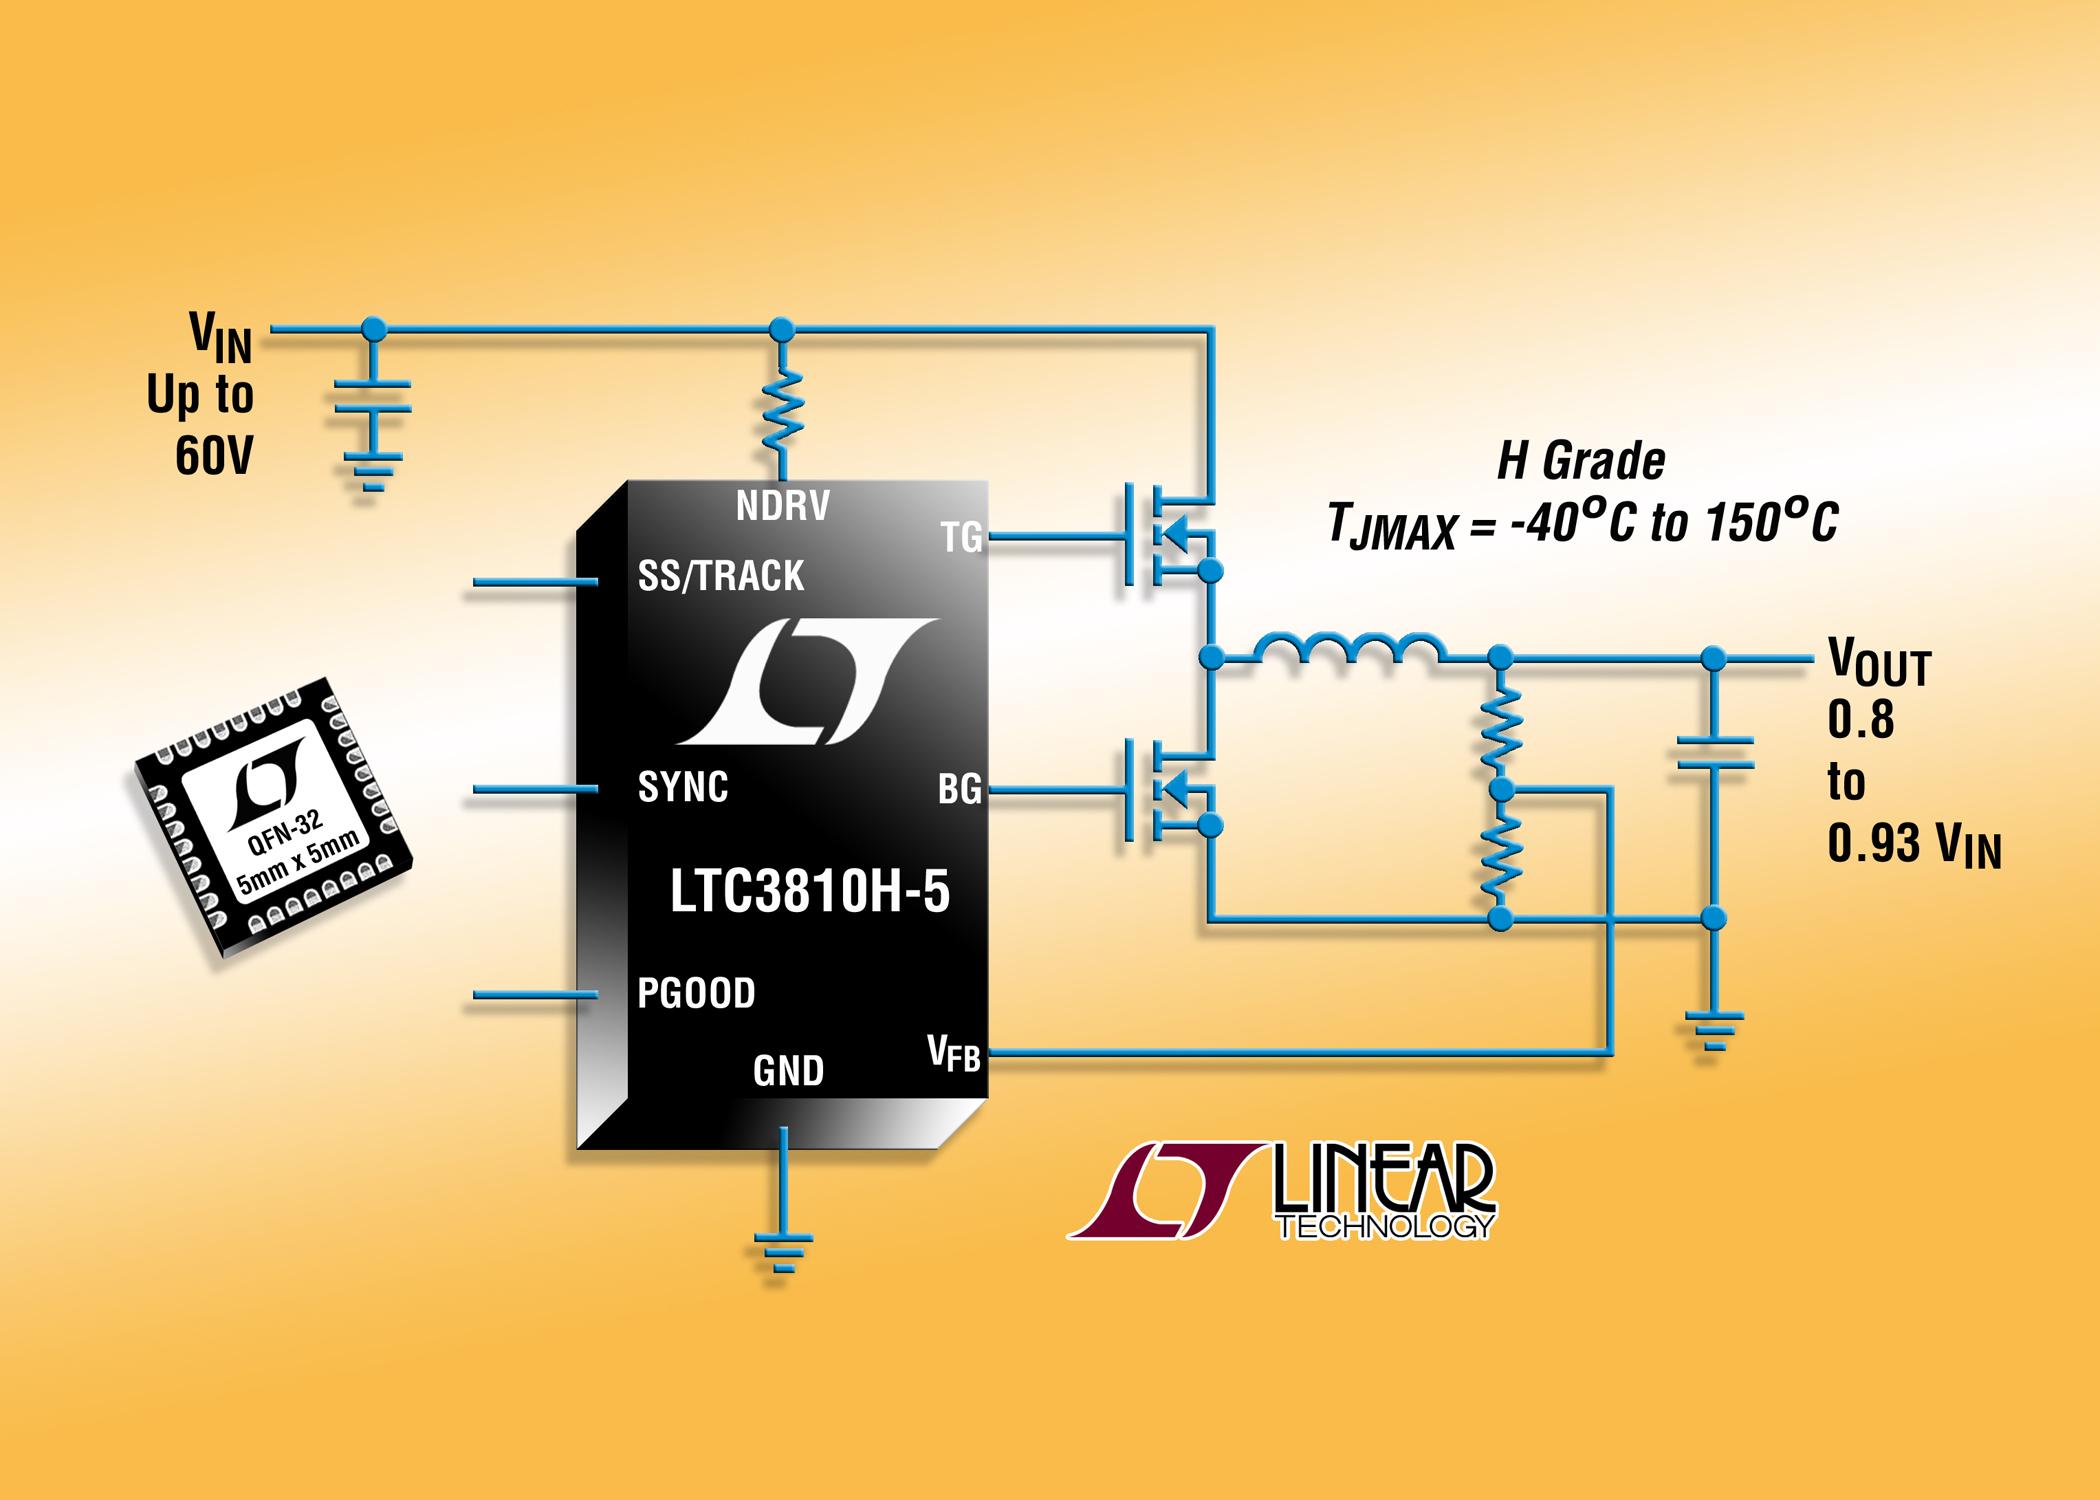 照片说明:60V 同步降压型控制器能在温度高达 150°C 时工作